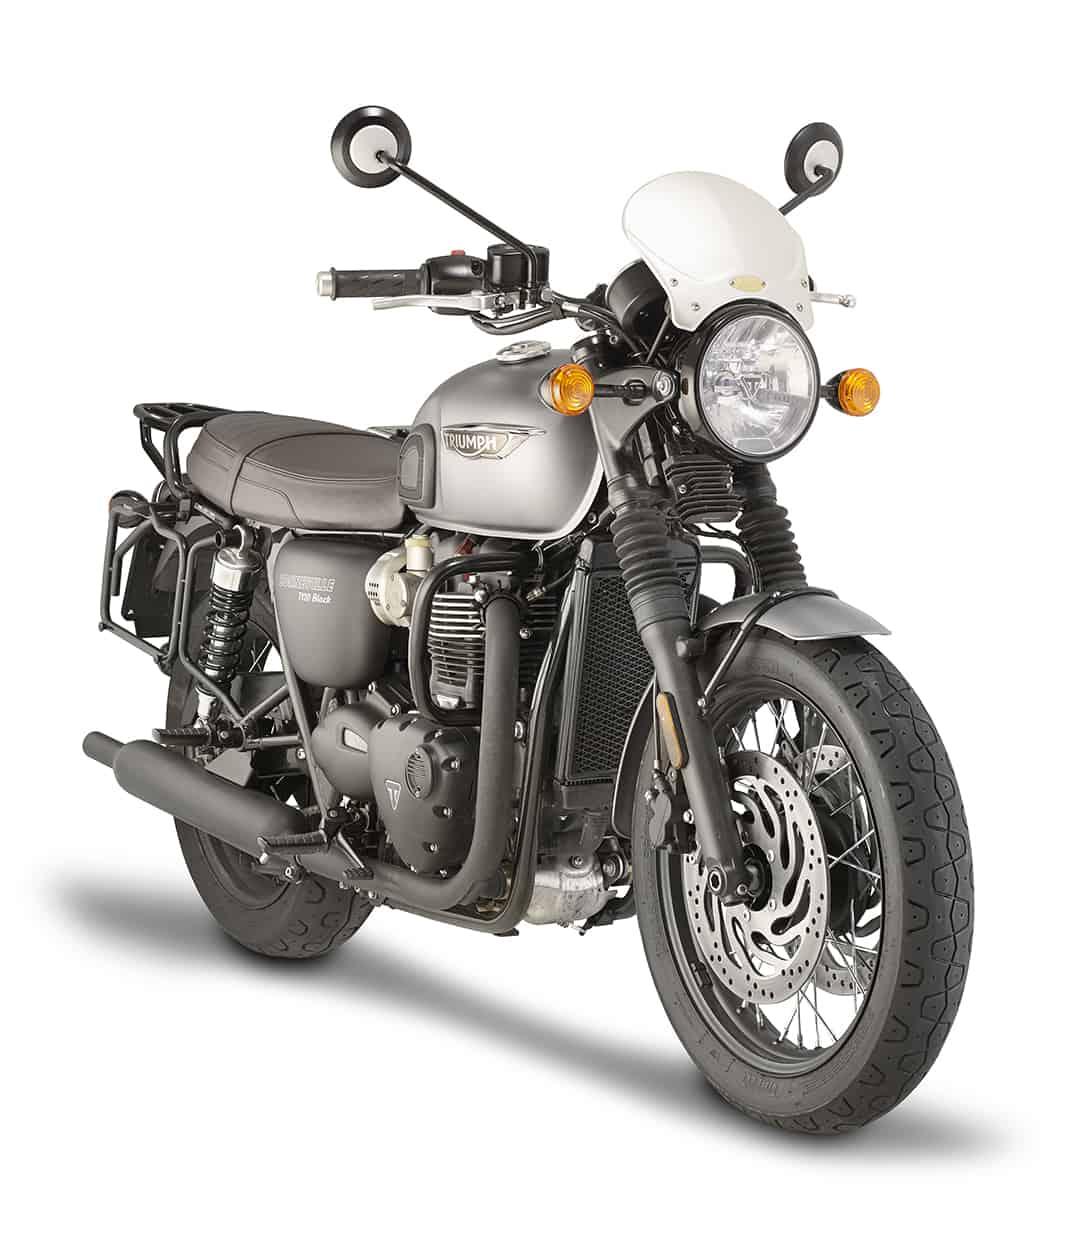 Givi veste la Triumph Bonneville T120